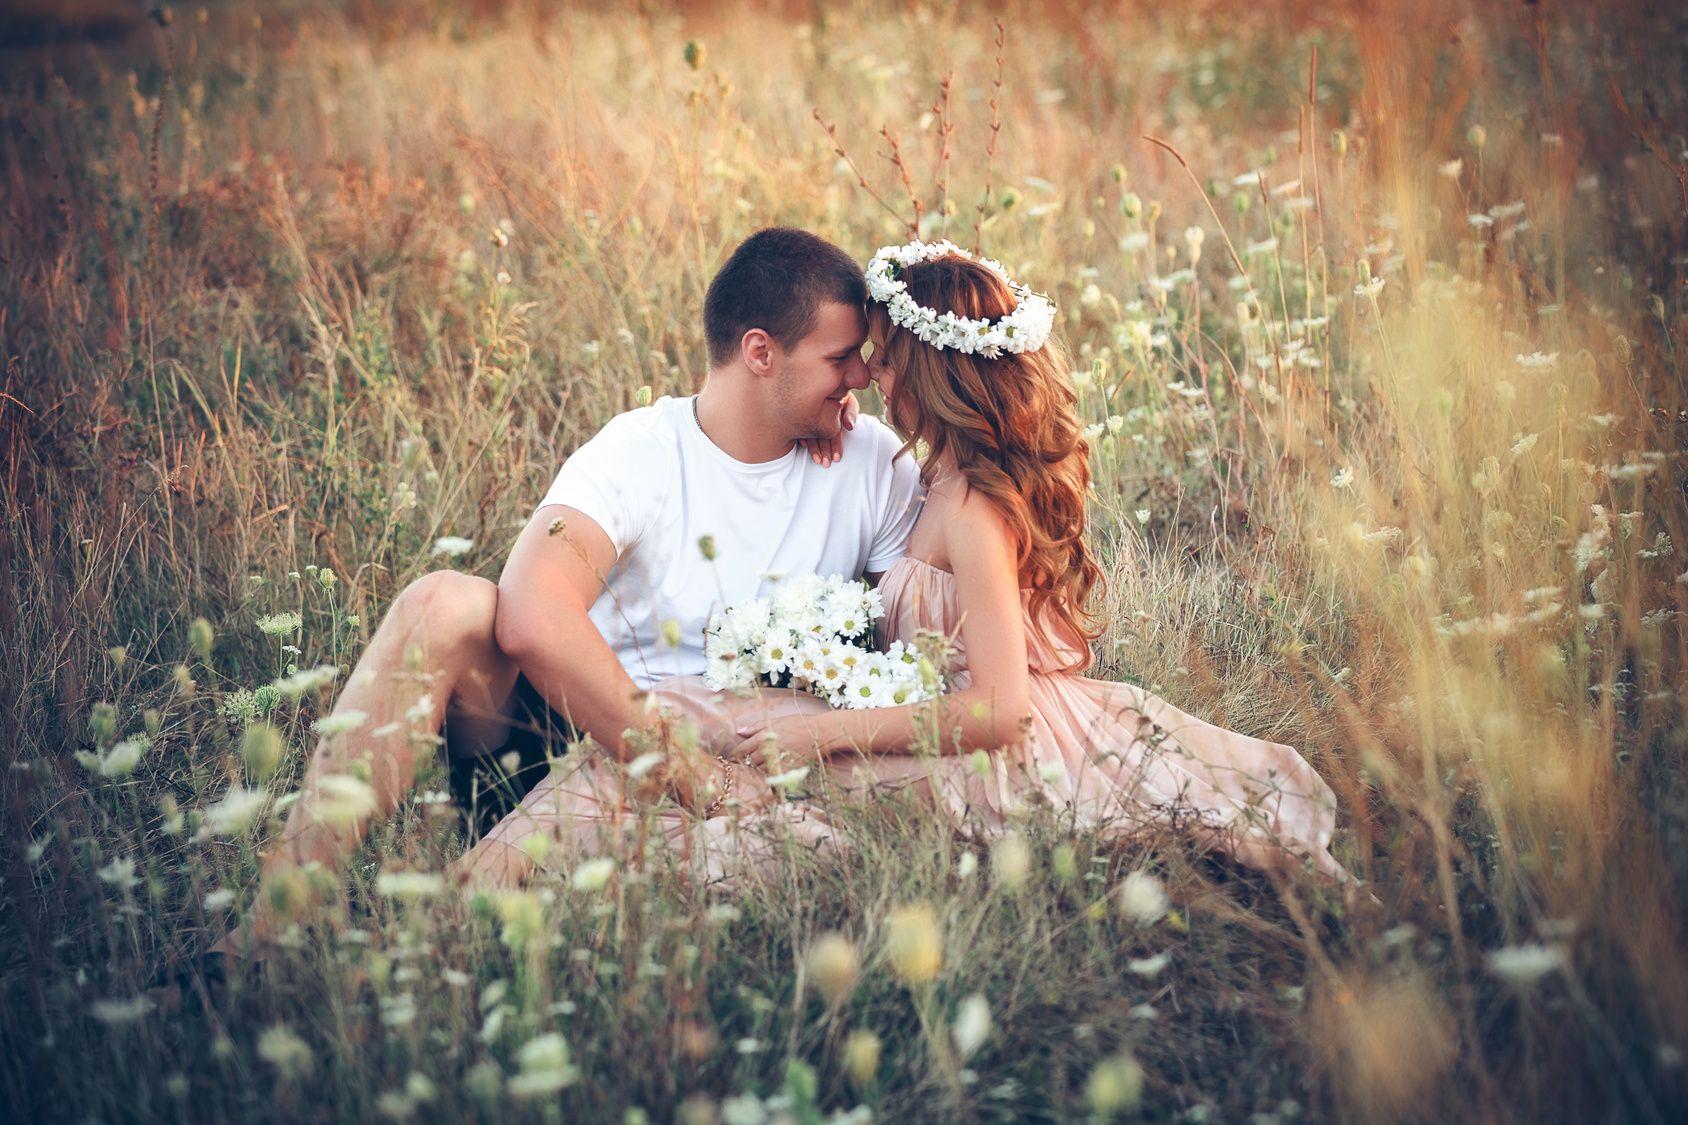 恋人との関係を見直そう!恋愛チェックポイント7パターン